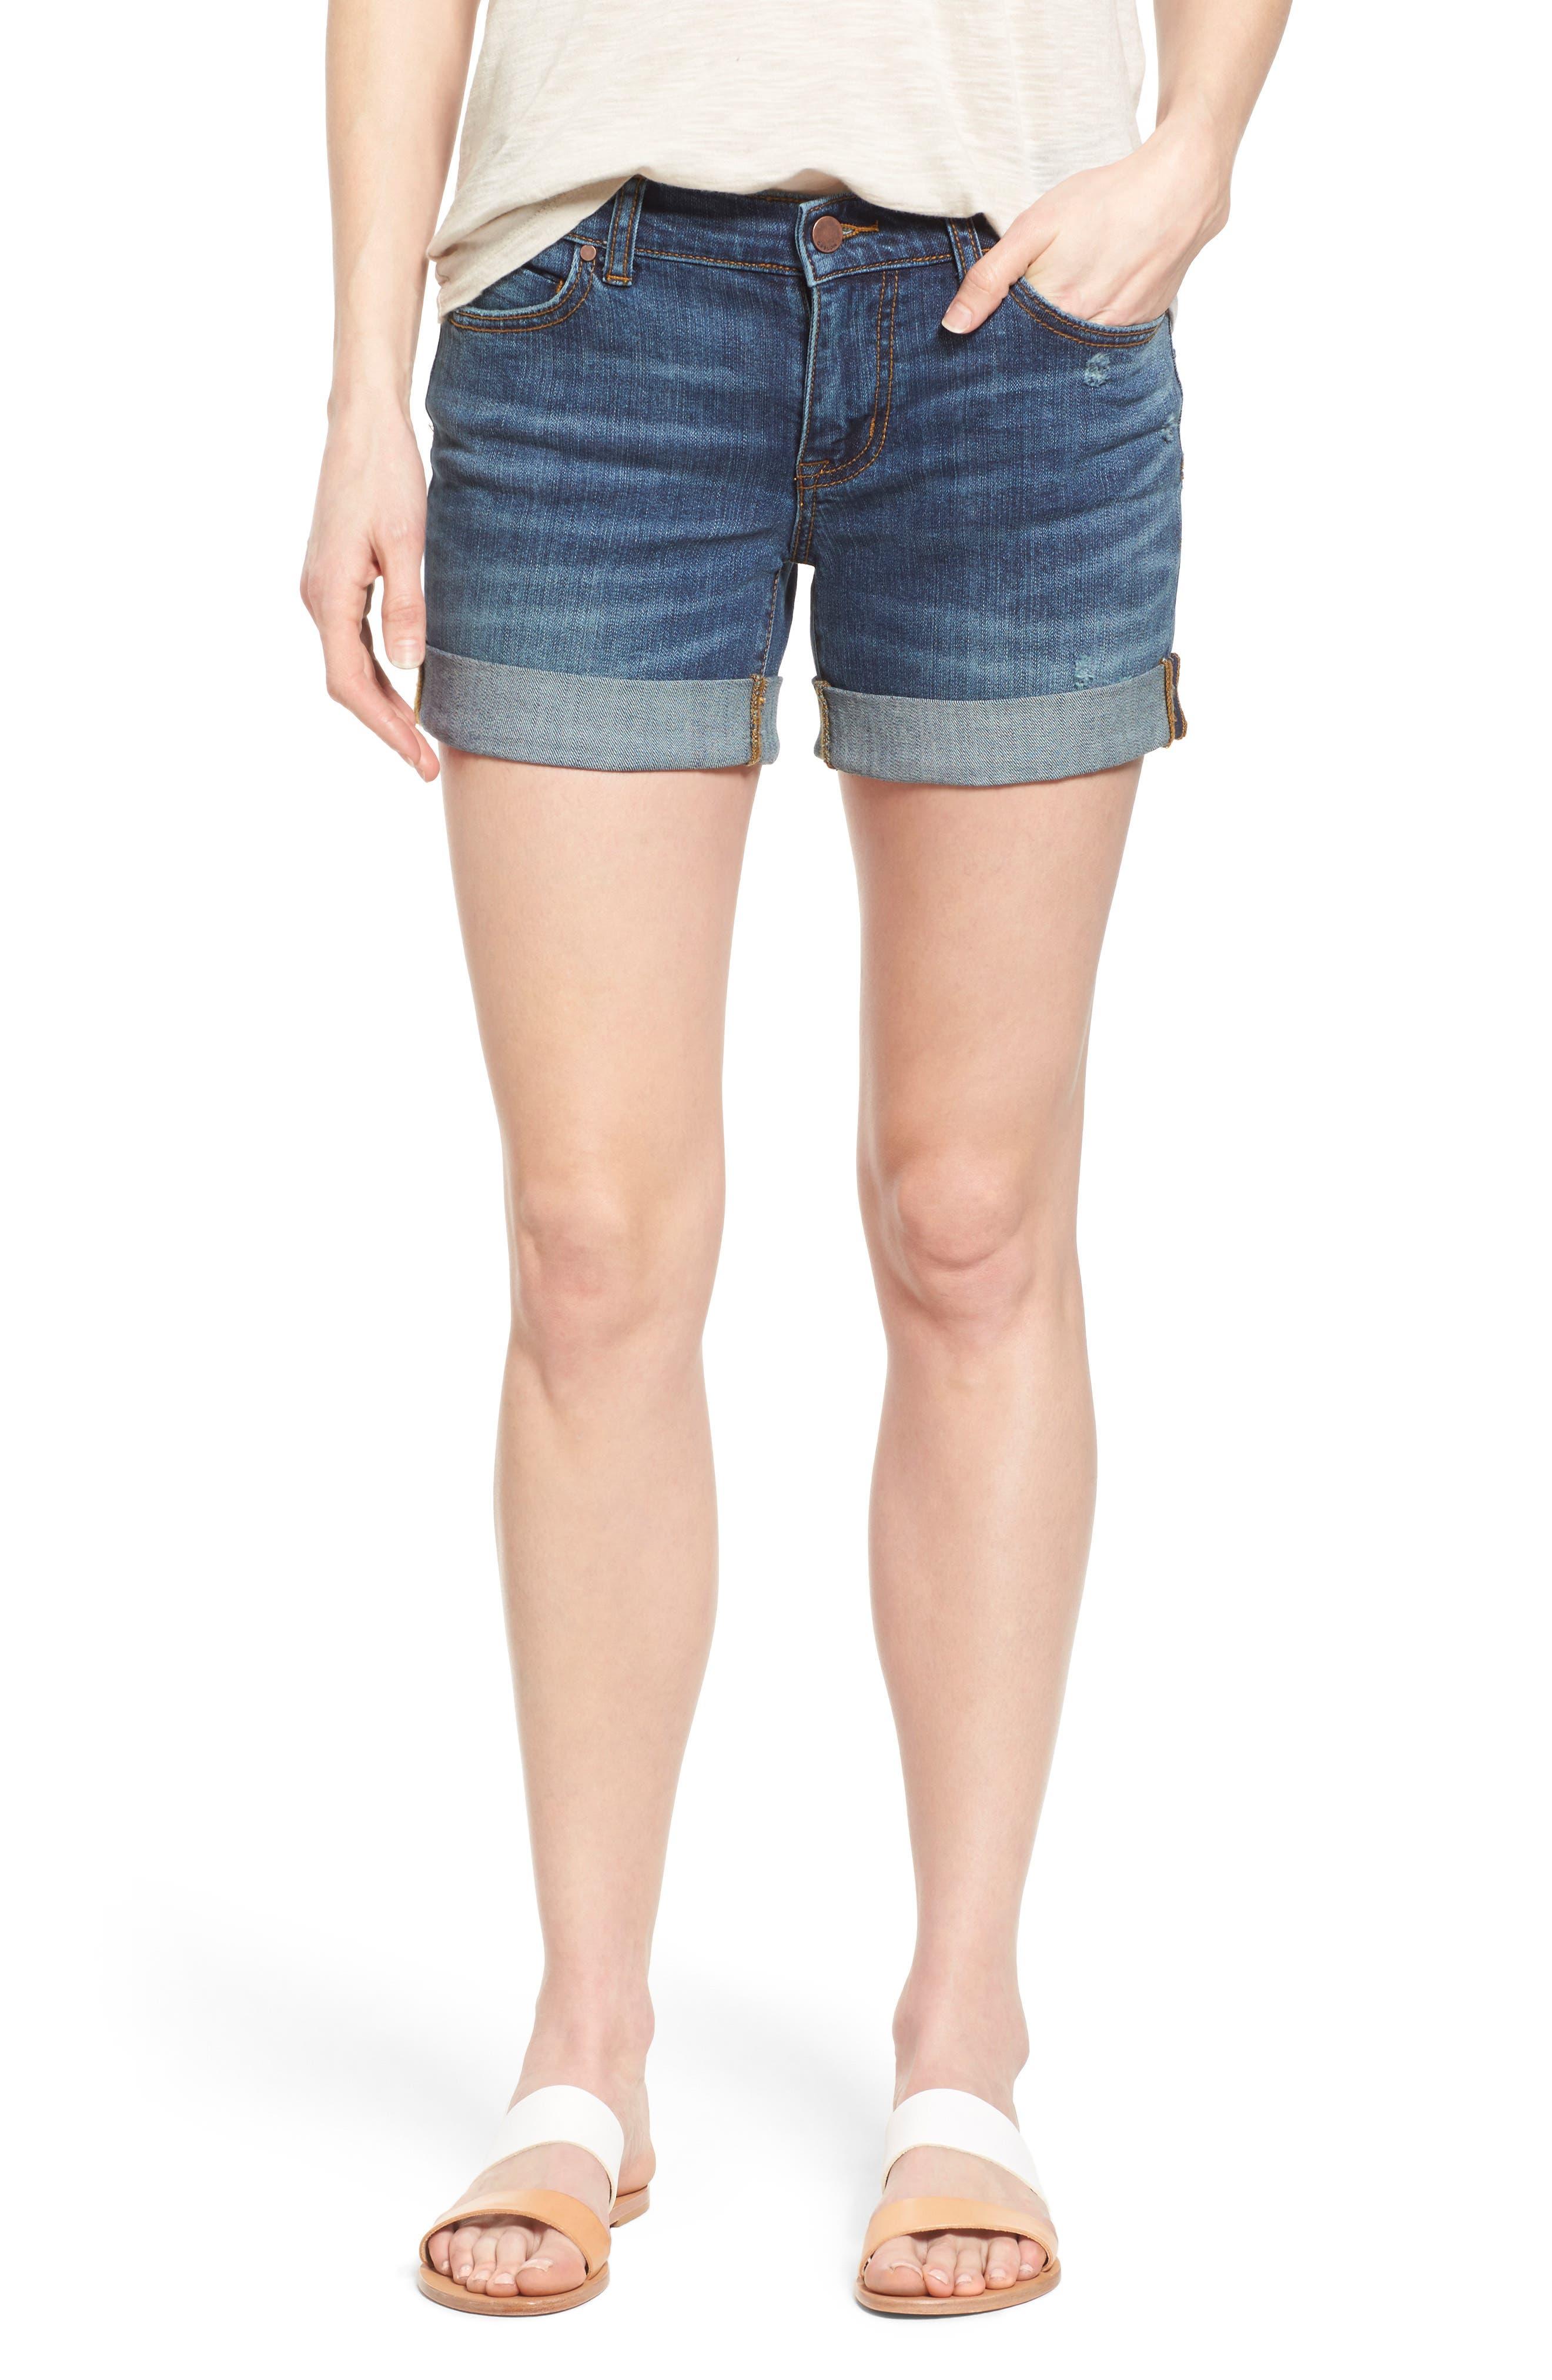 CASLON<SUP>®</SUP>, Rolled Denim Boyfriend Shorts, Main thumbnail 1, color, 401